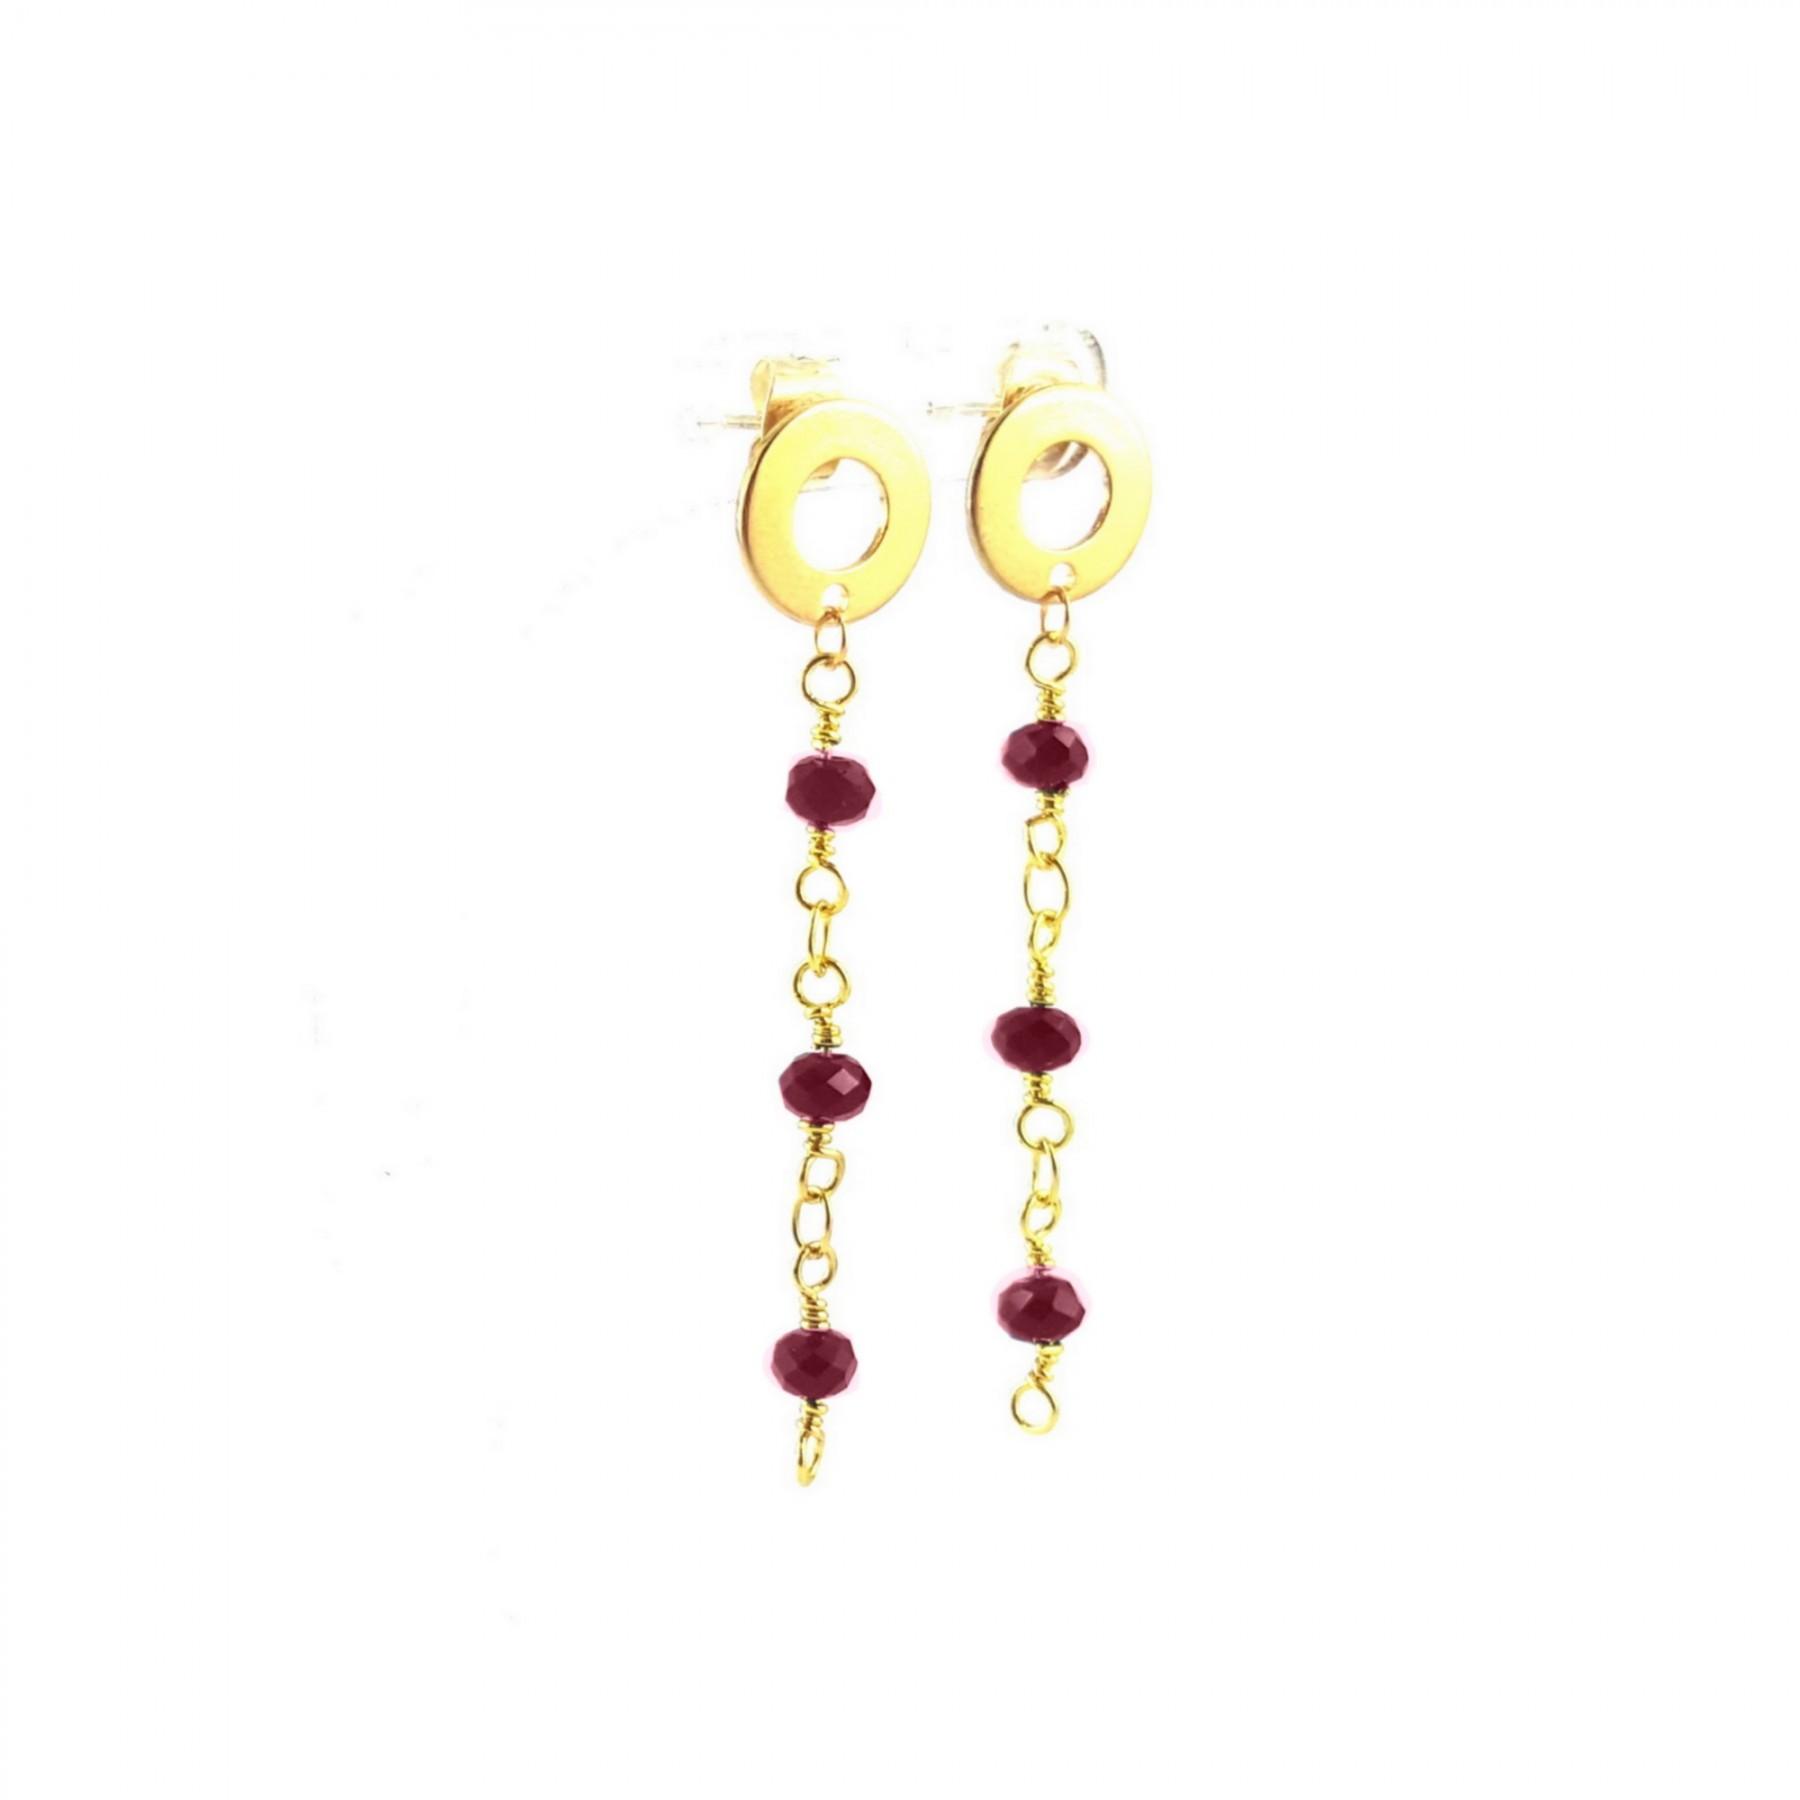 Boucles d'oreilles chaîne et perles grenats